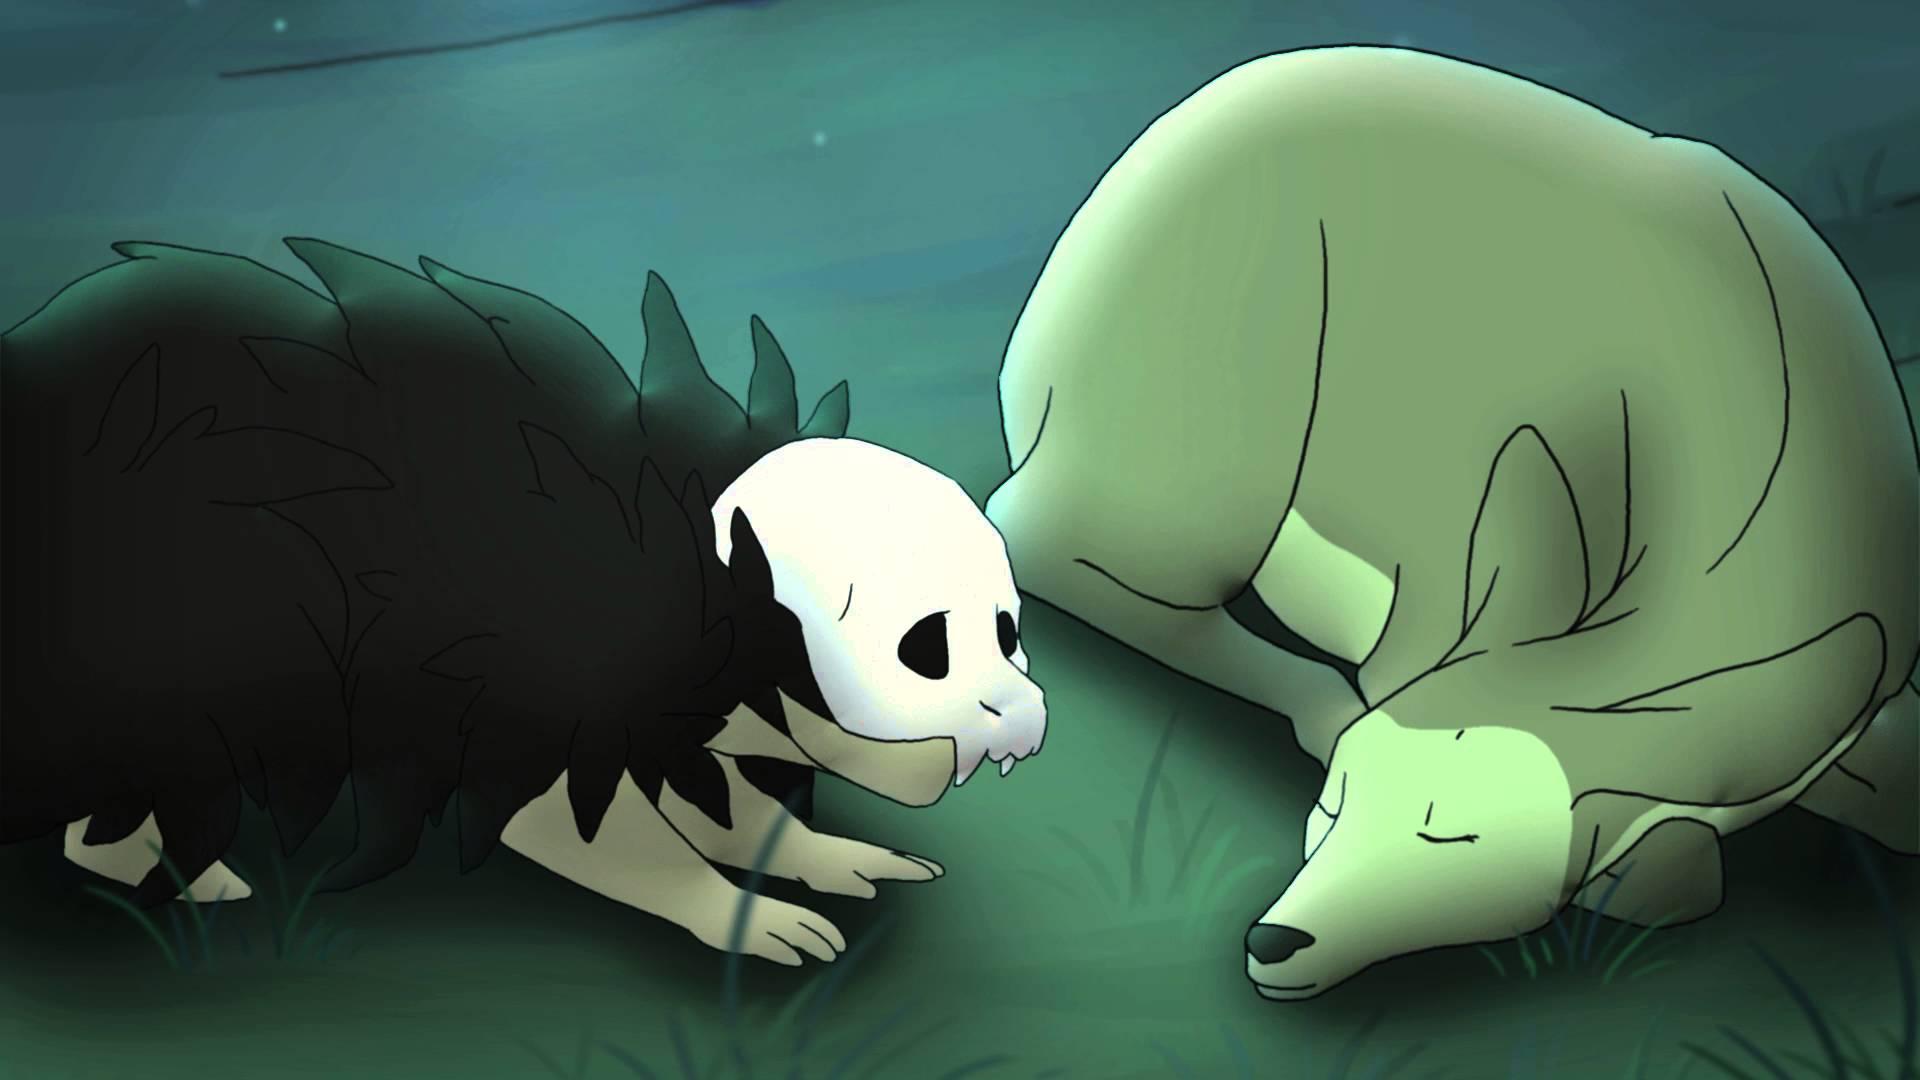 子どもに見せたい動画69「死神の恋〜The Life of Death〜」